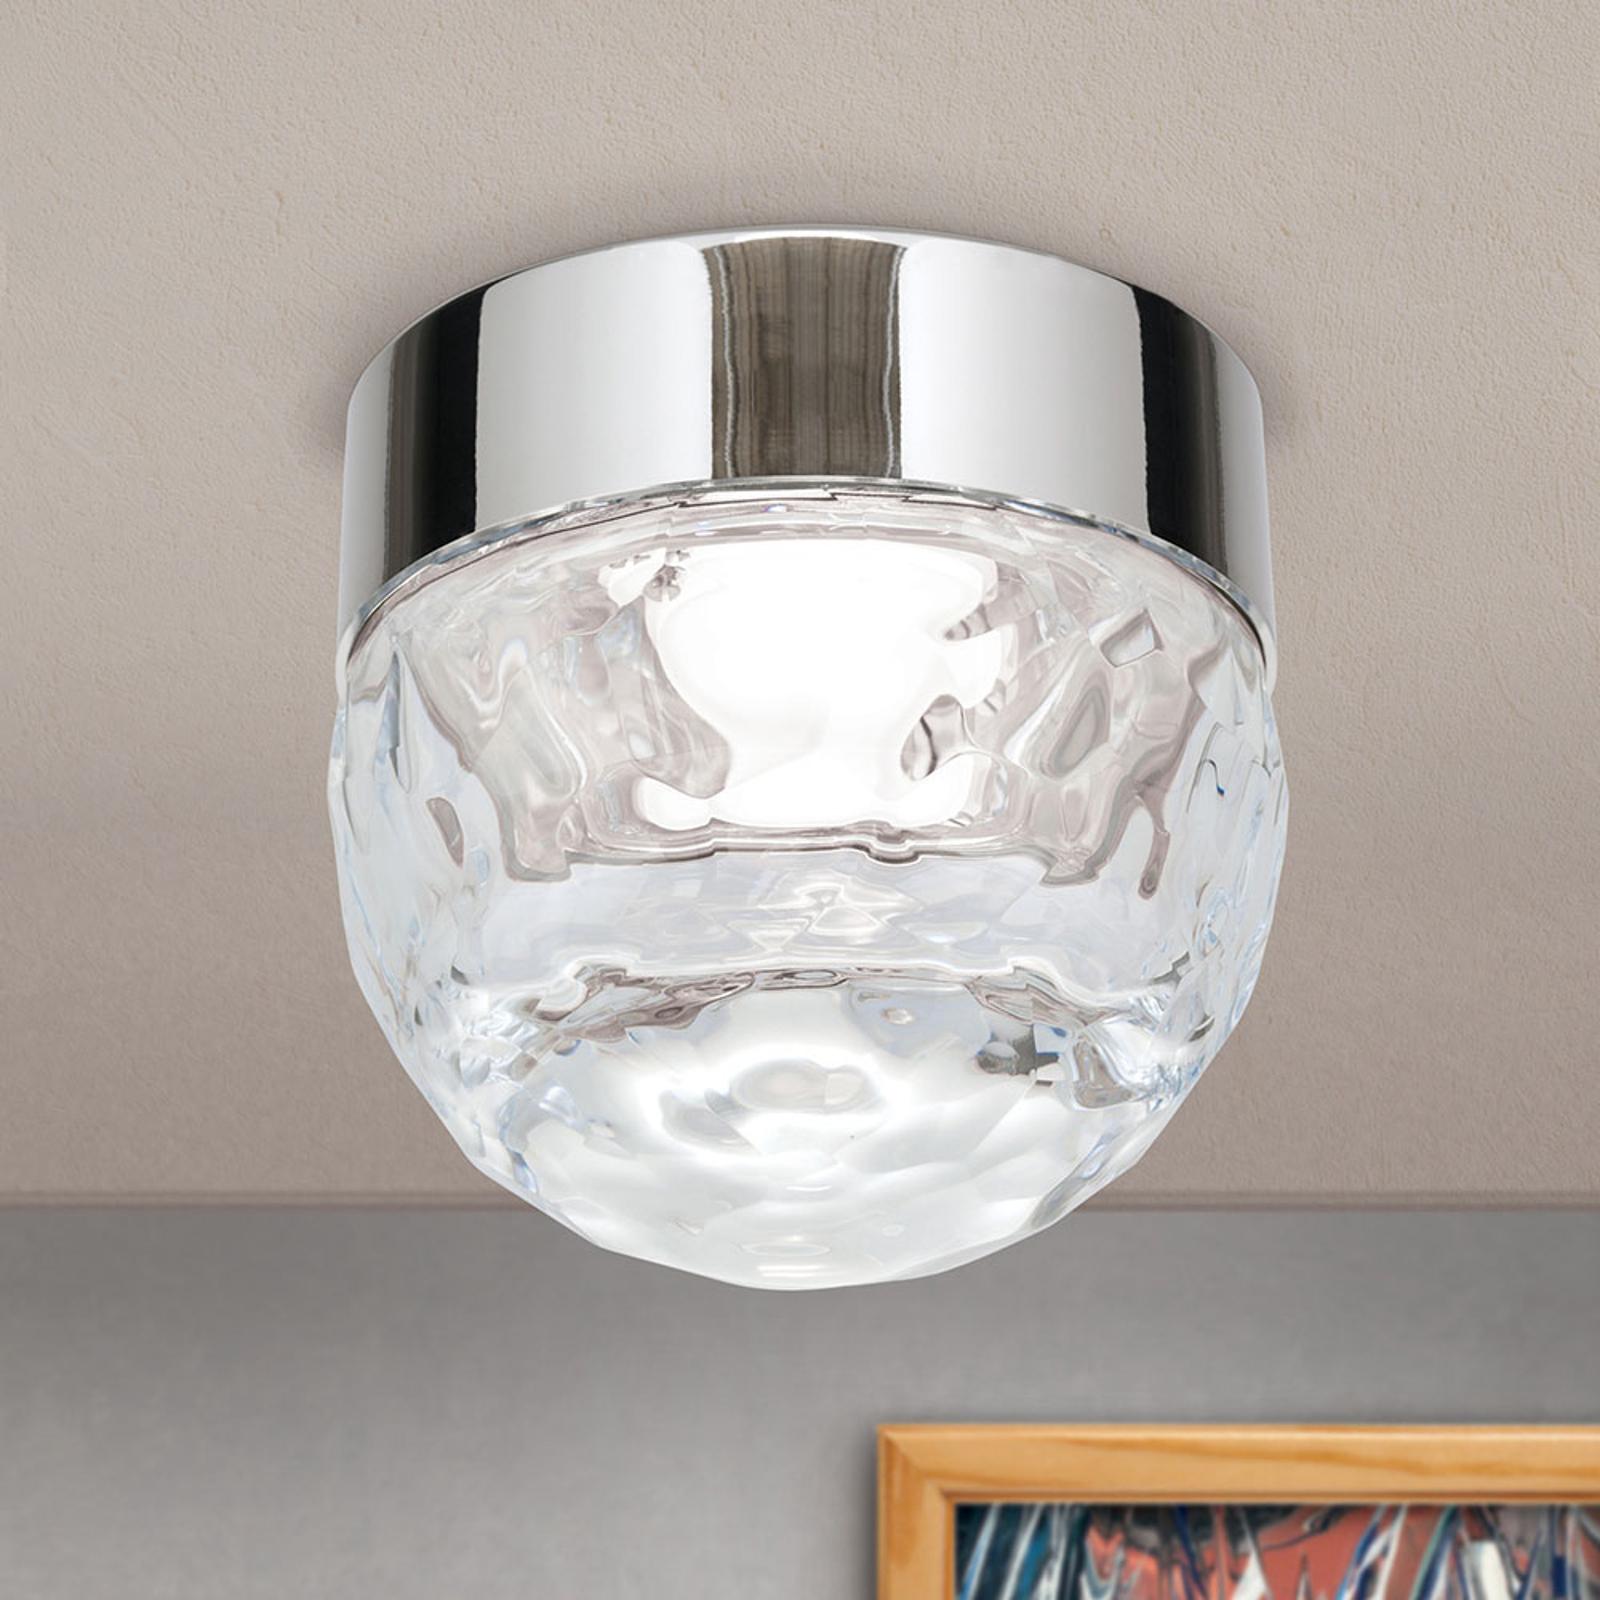 LED-taklampe Ball 1 lyskilde, nikkel, rund